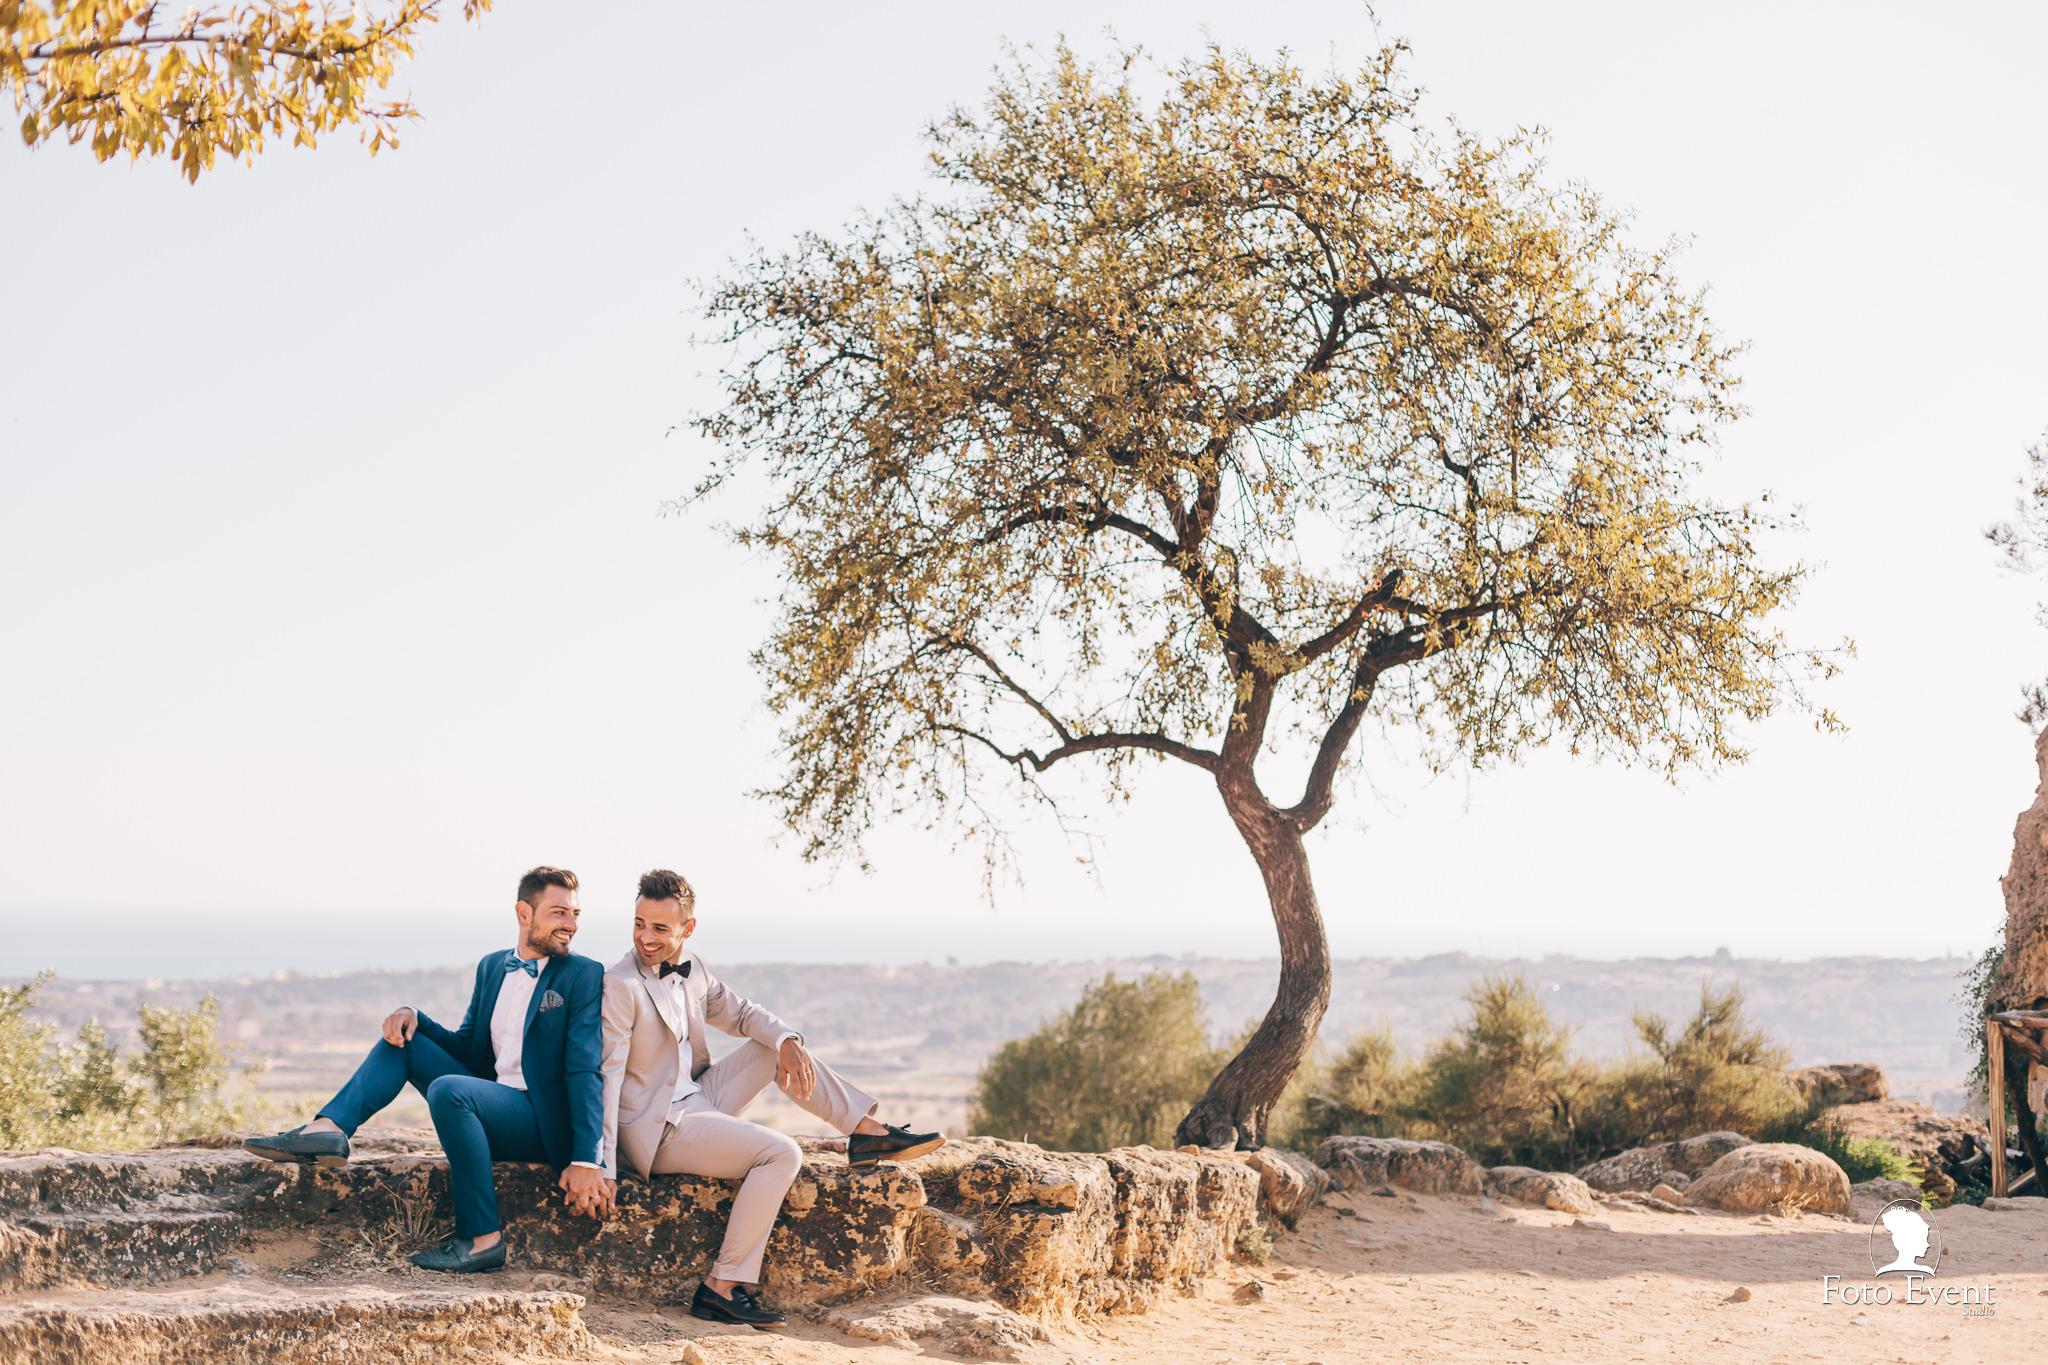 2018-07-26 Engagement Santo Caruso e Lillo Gueli 50 mm 015